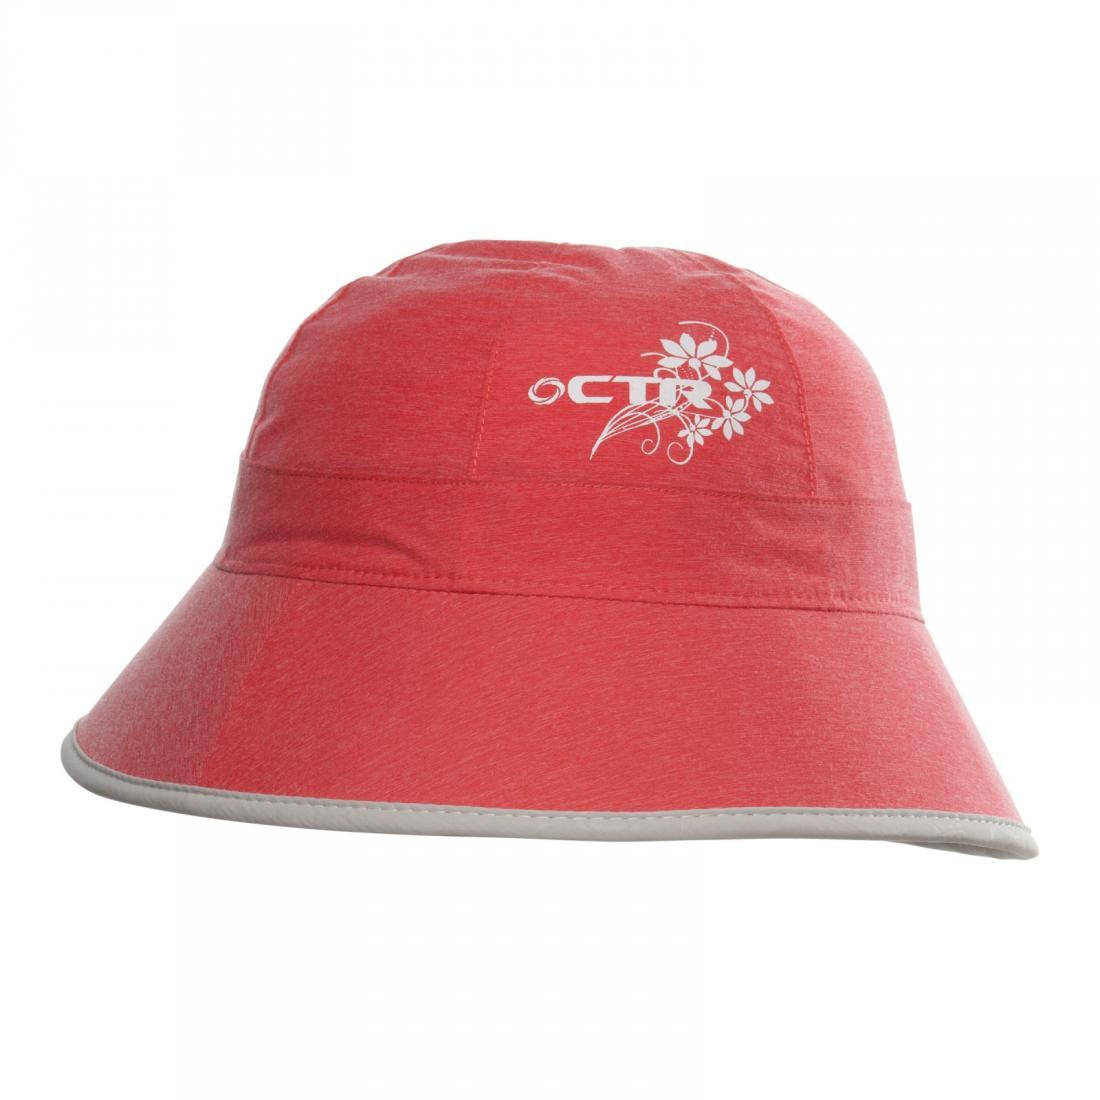 Панама Chaos  Stratus Cloche Rain Hat (женс)Панамы<br><br> Яркая дождевая женская панама Chaos Stratus Cloche Rain Hat станет отличным решением для пасмурного дня. Она функциональна и удобна, имеет привлекательный внешний вид и отличается высоким качеством материалов.<br><br><br>Панама выполнена из ...<br><br>Цвет: Красный<br>Размер: S-M